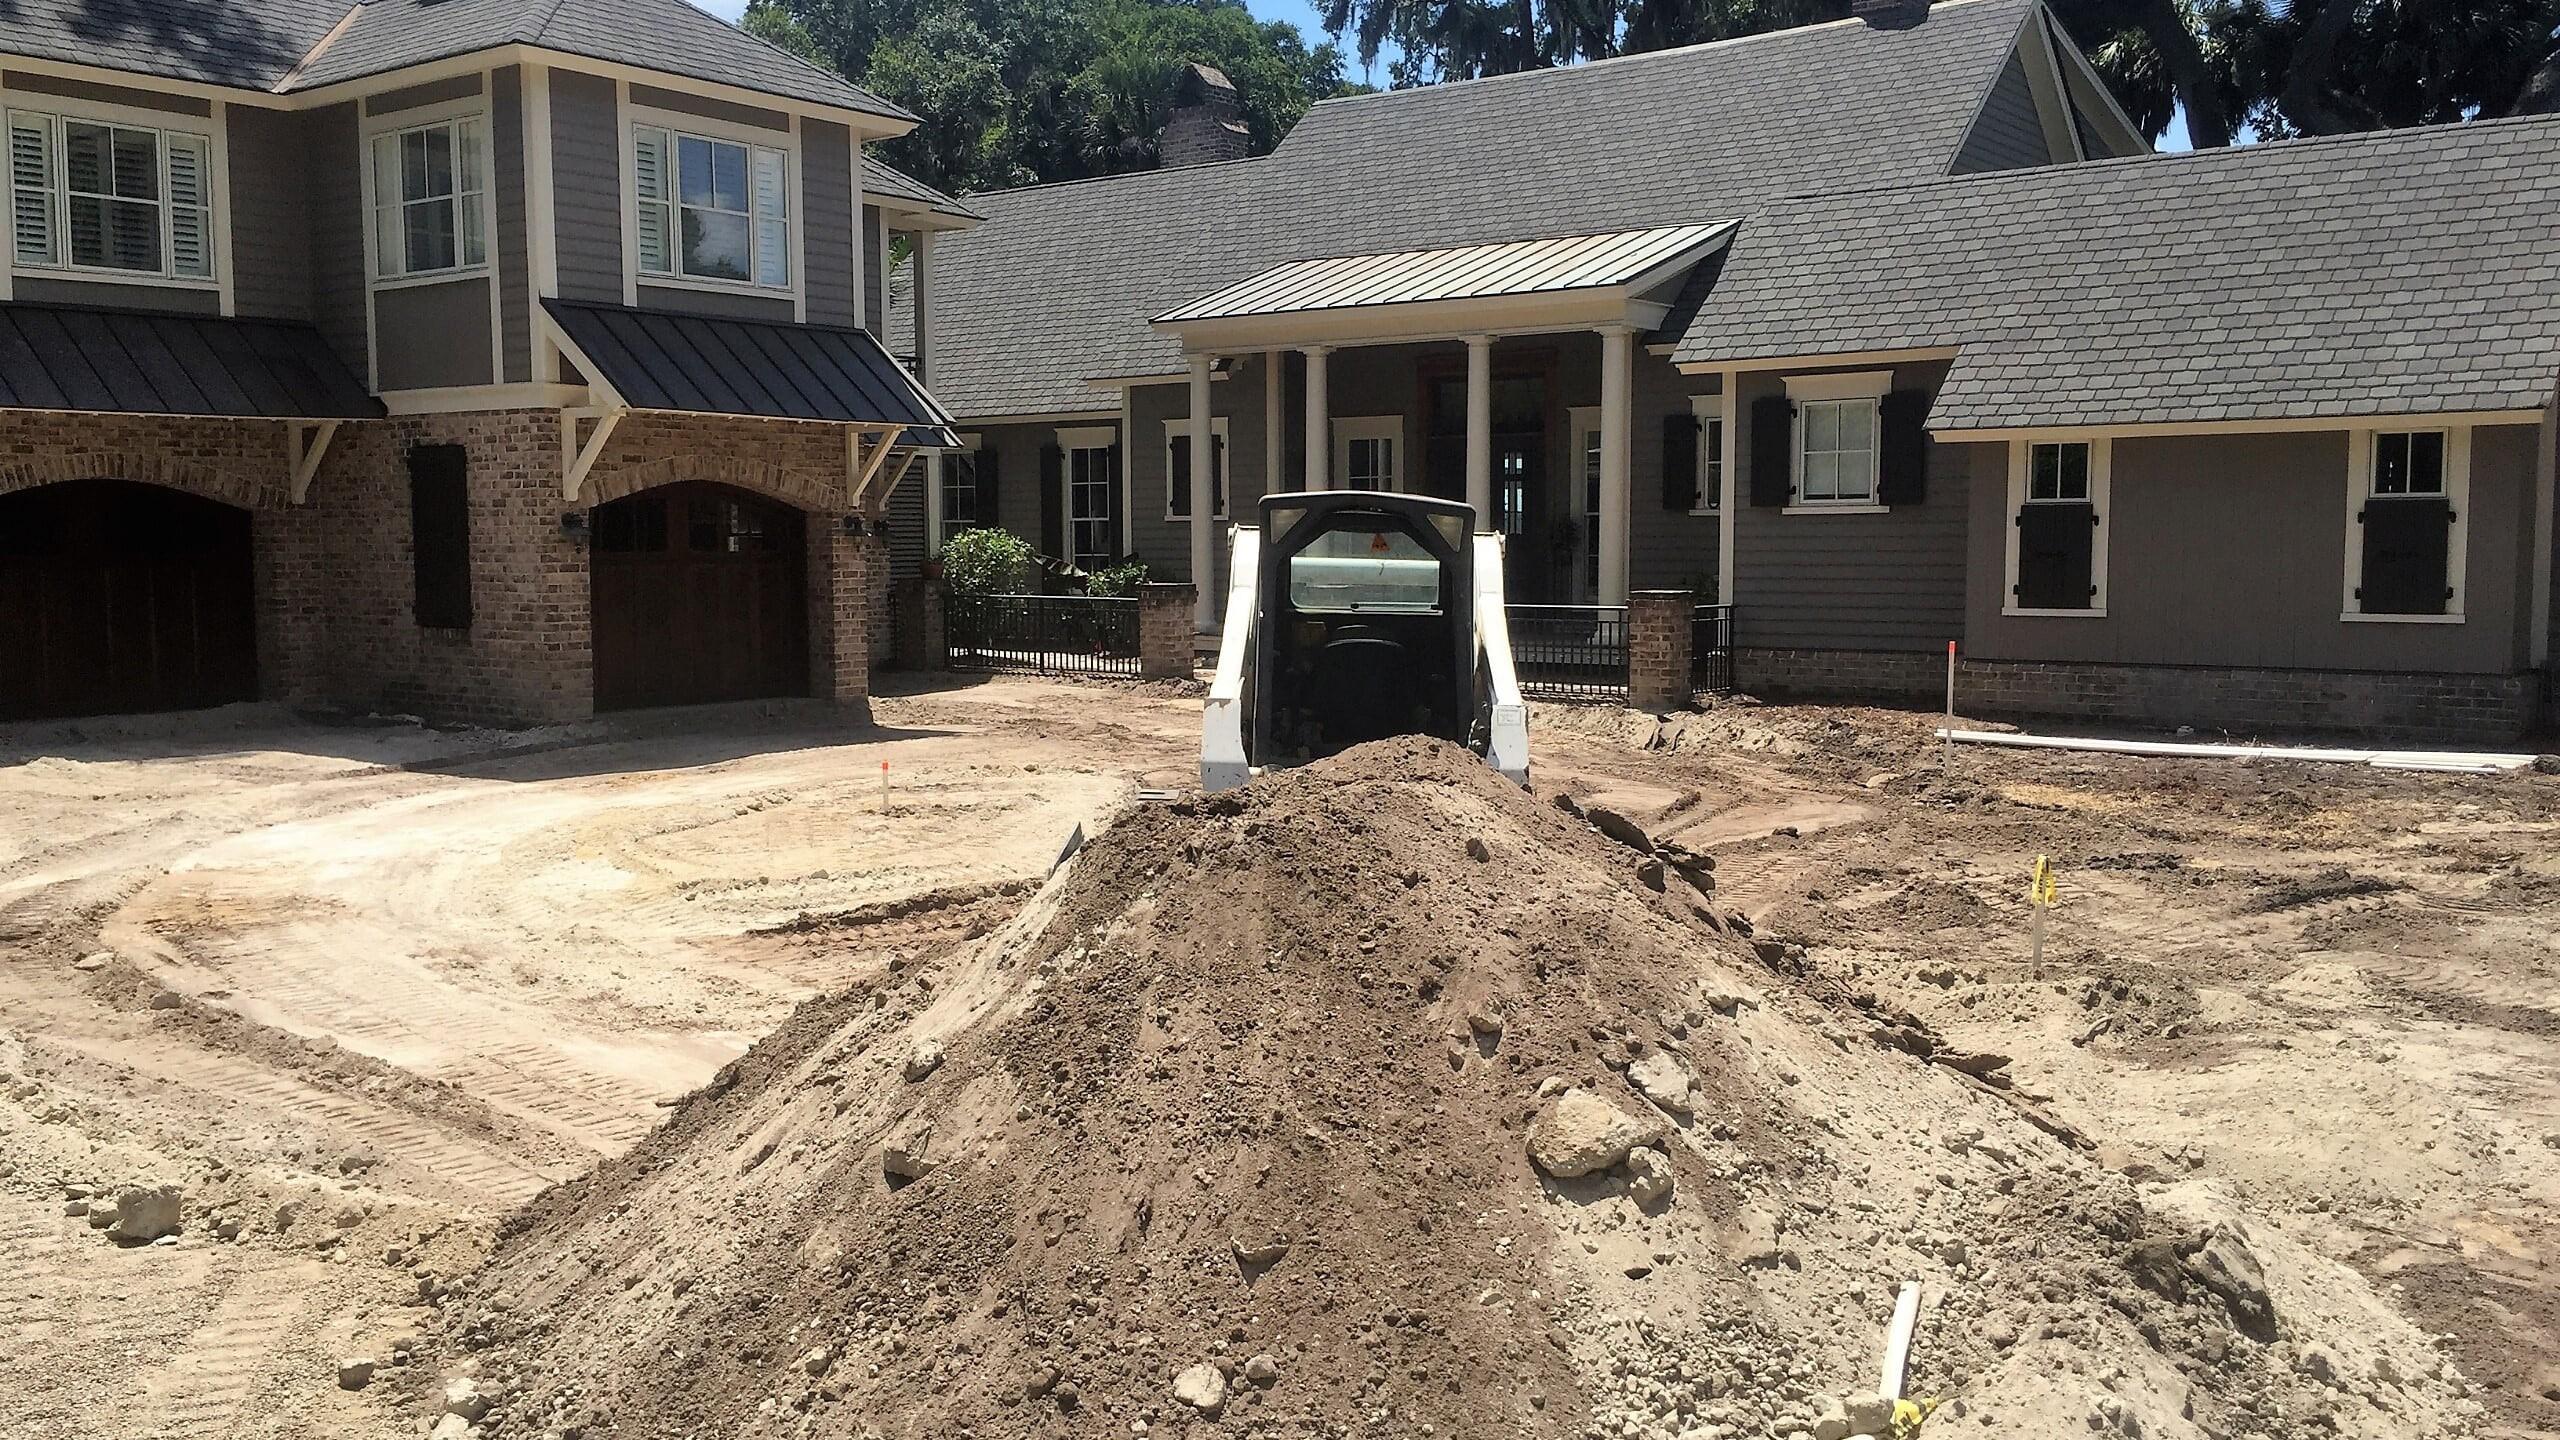 Landscape Construction Services in Beaufort SC